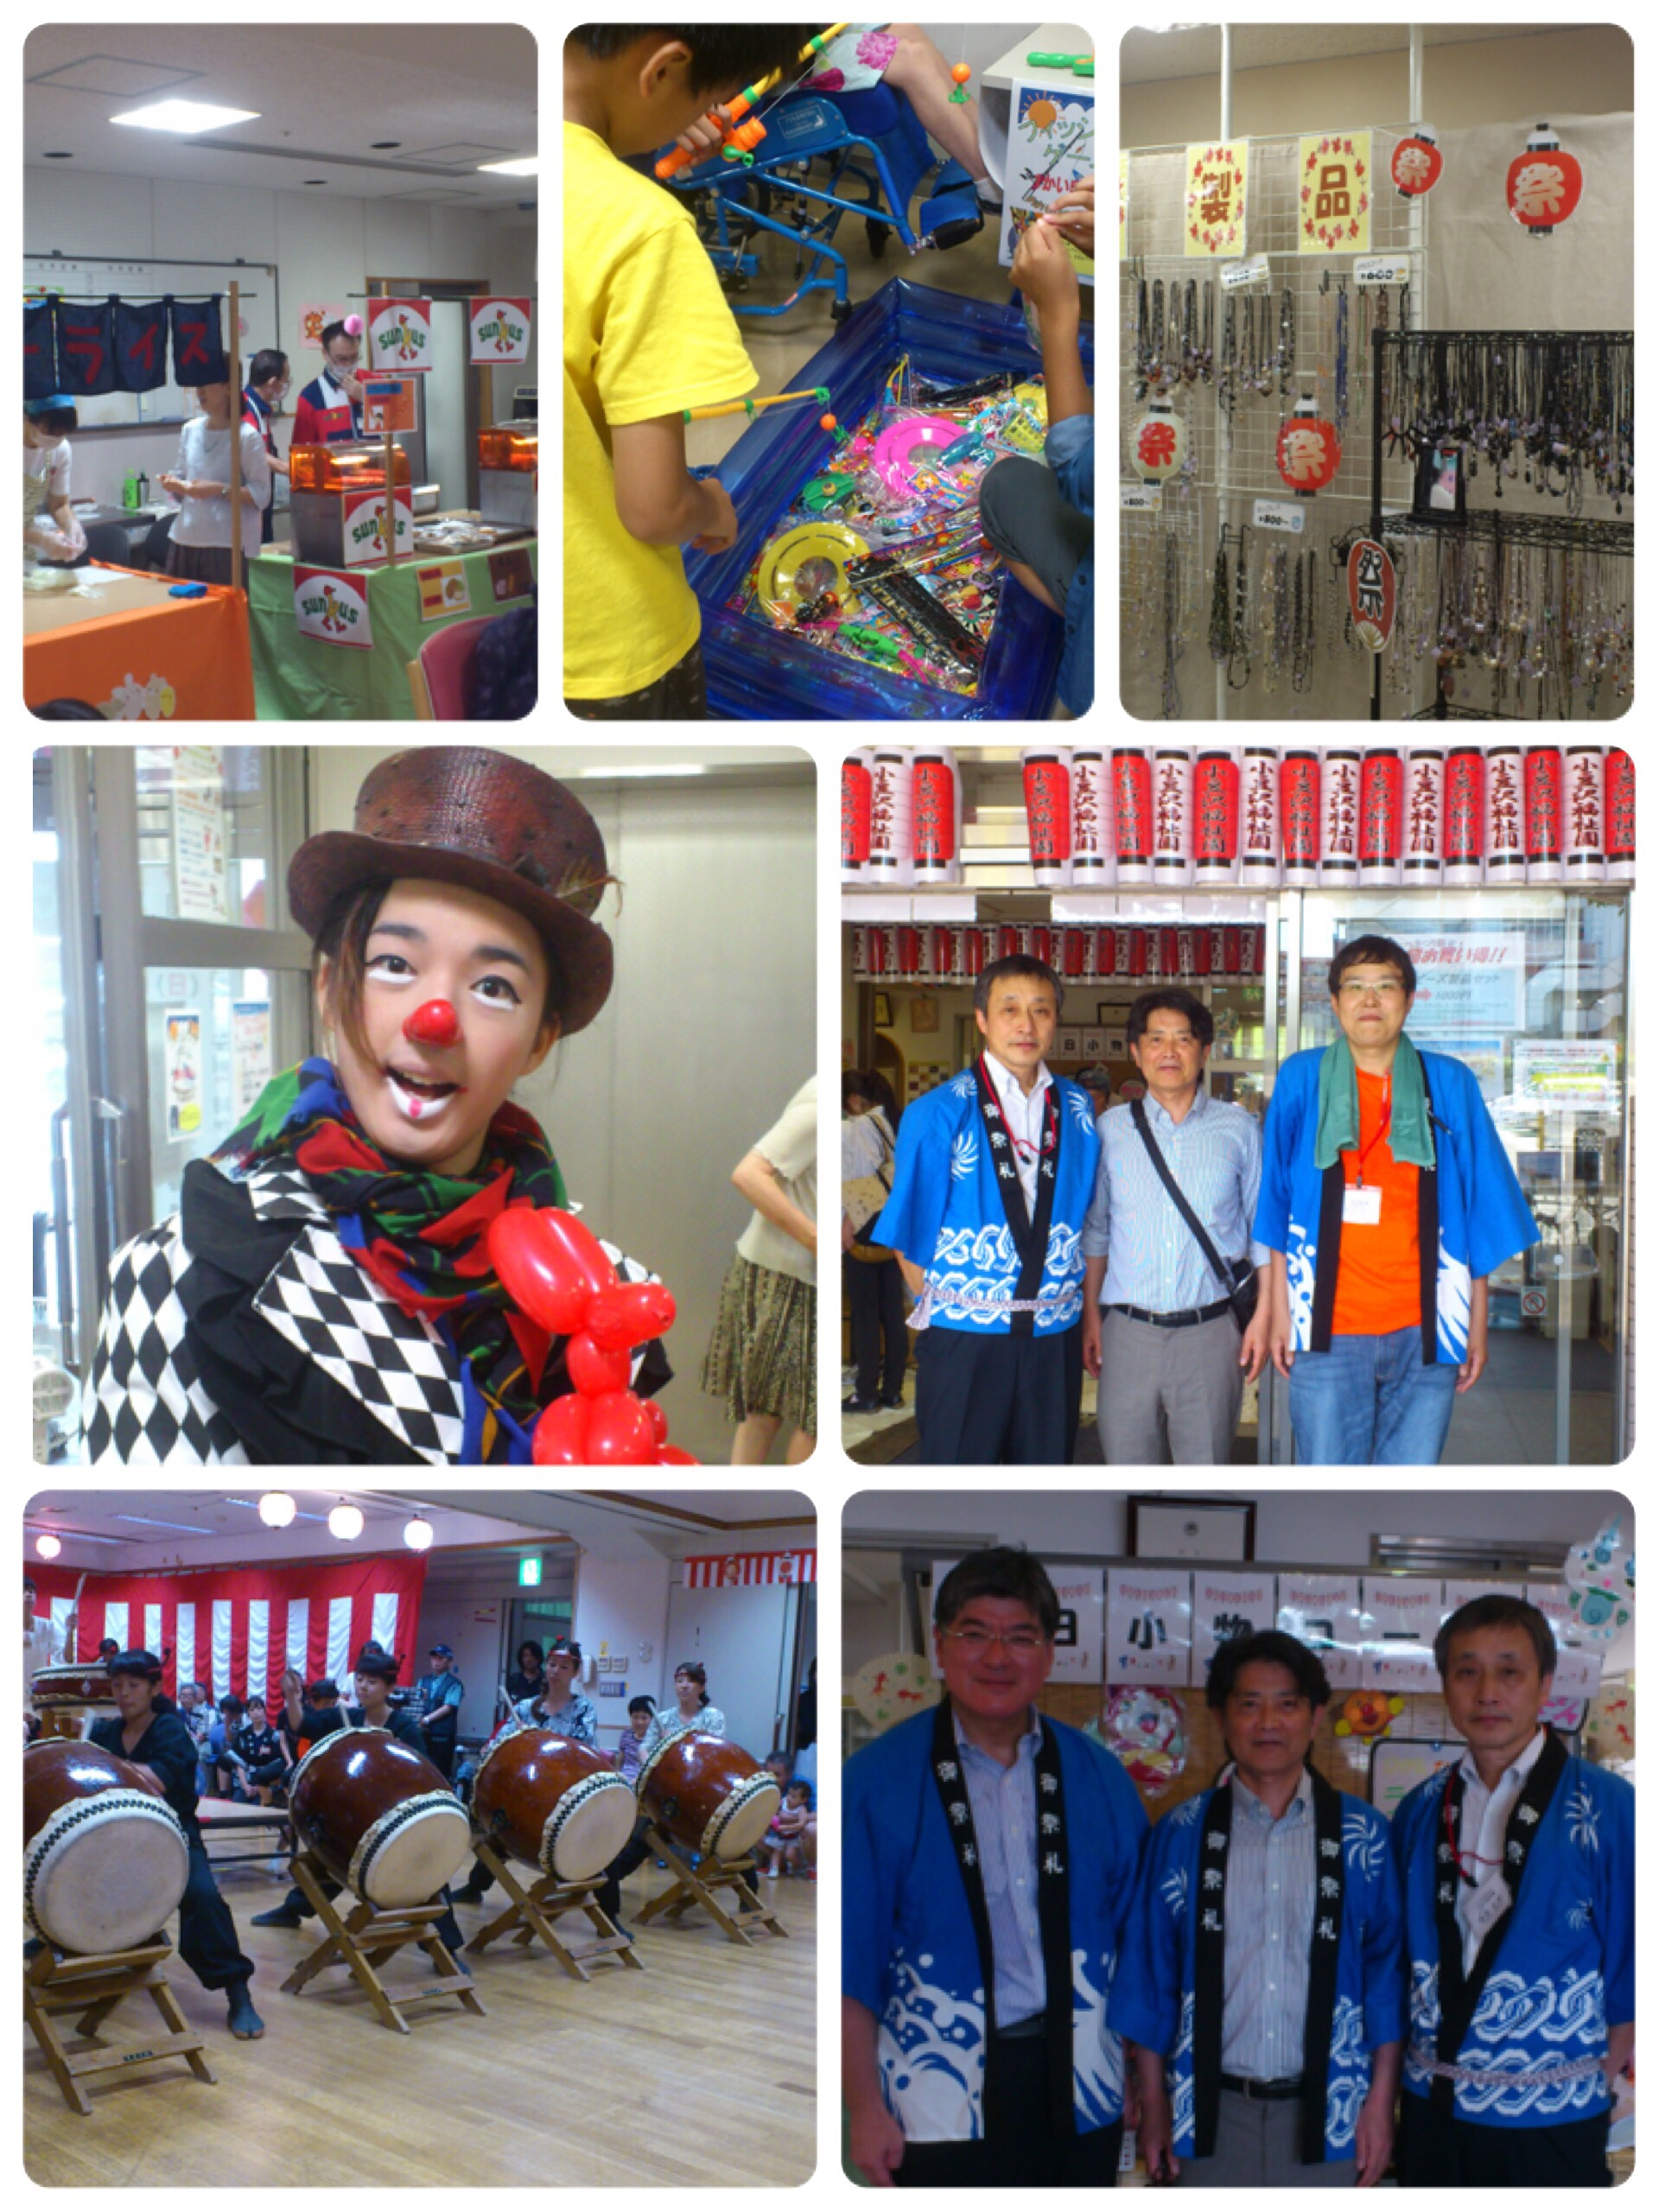 小豆沢福祉園夏祭り